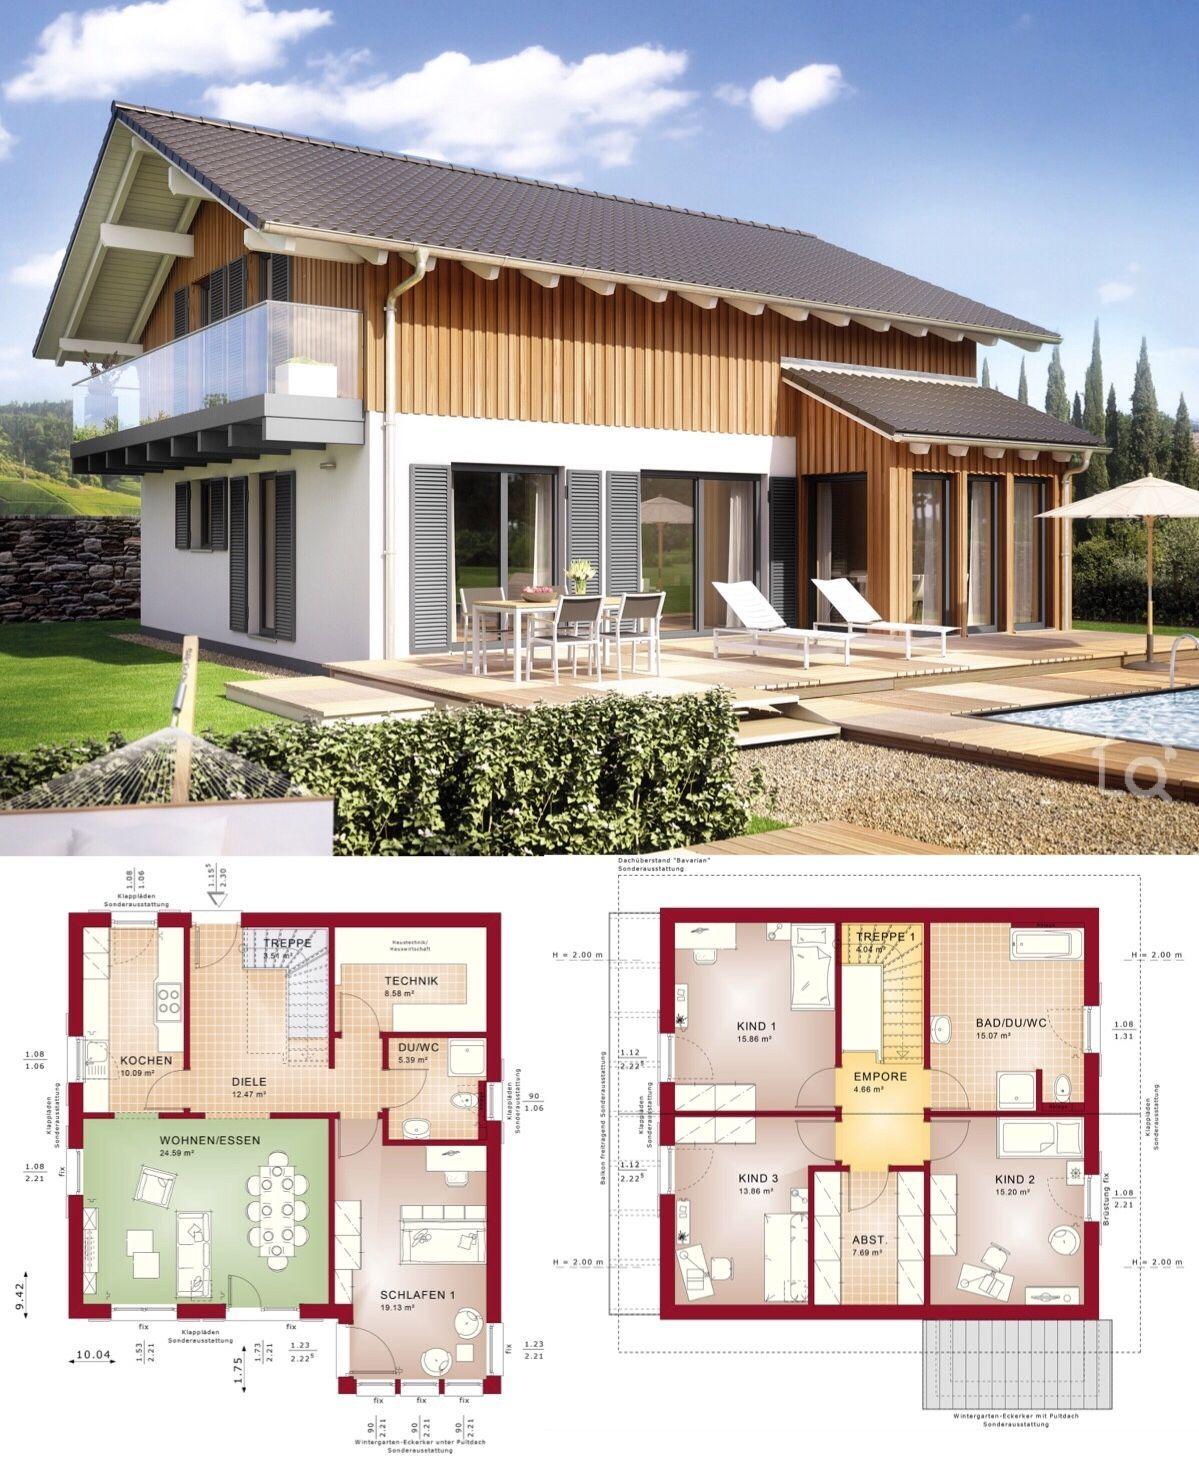 Fertighaus mit Satteldach Architektur & Holz Putz Fassade